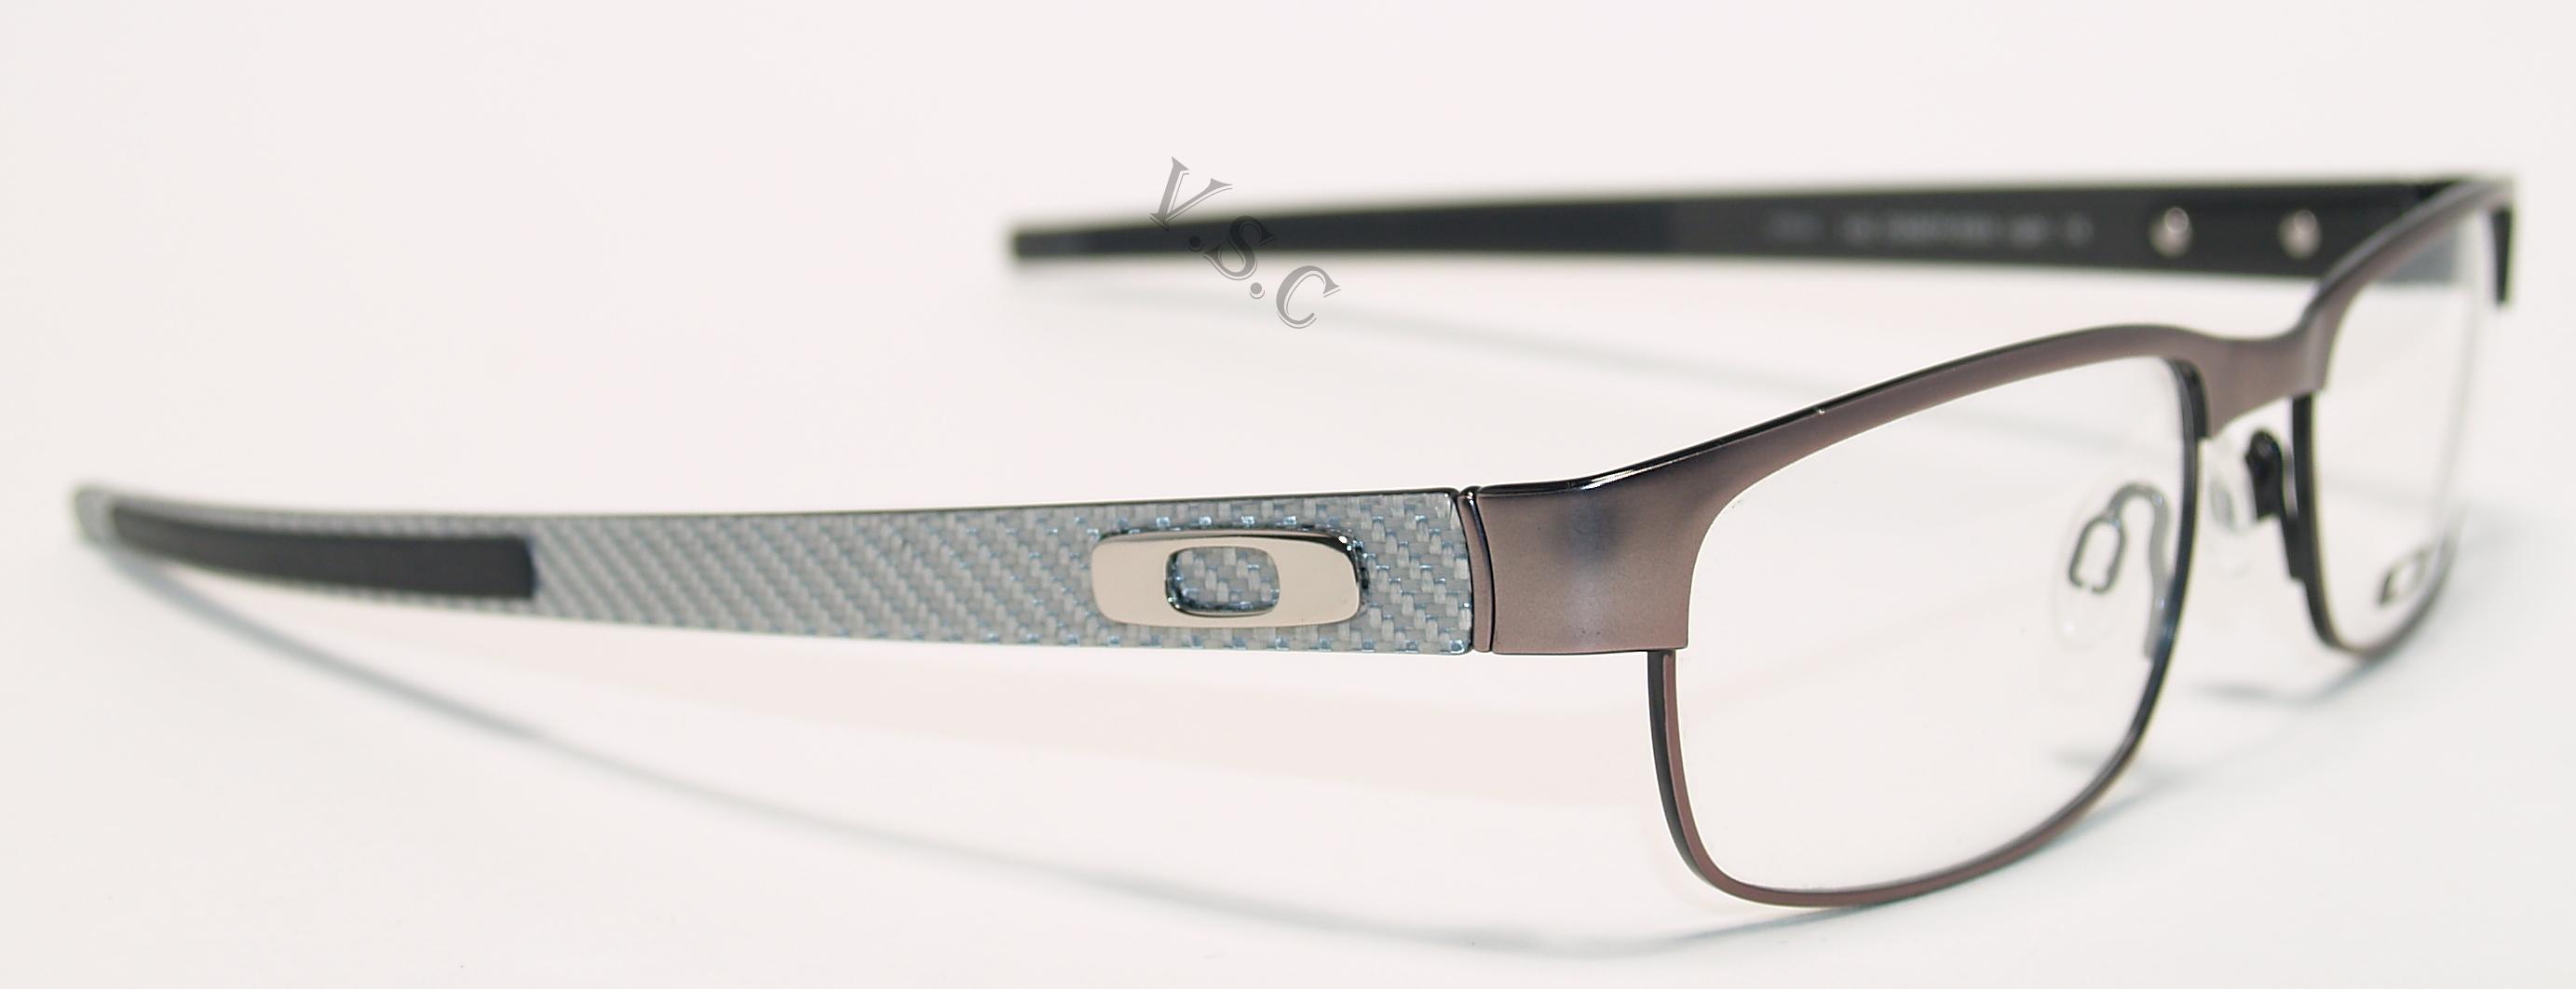 oakley prescription sunglasses lenscrafters 2fa8  oakley prescription sunglasses lenscrafters